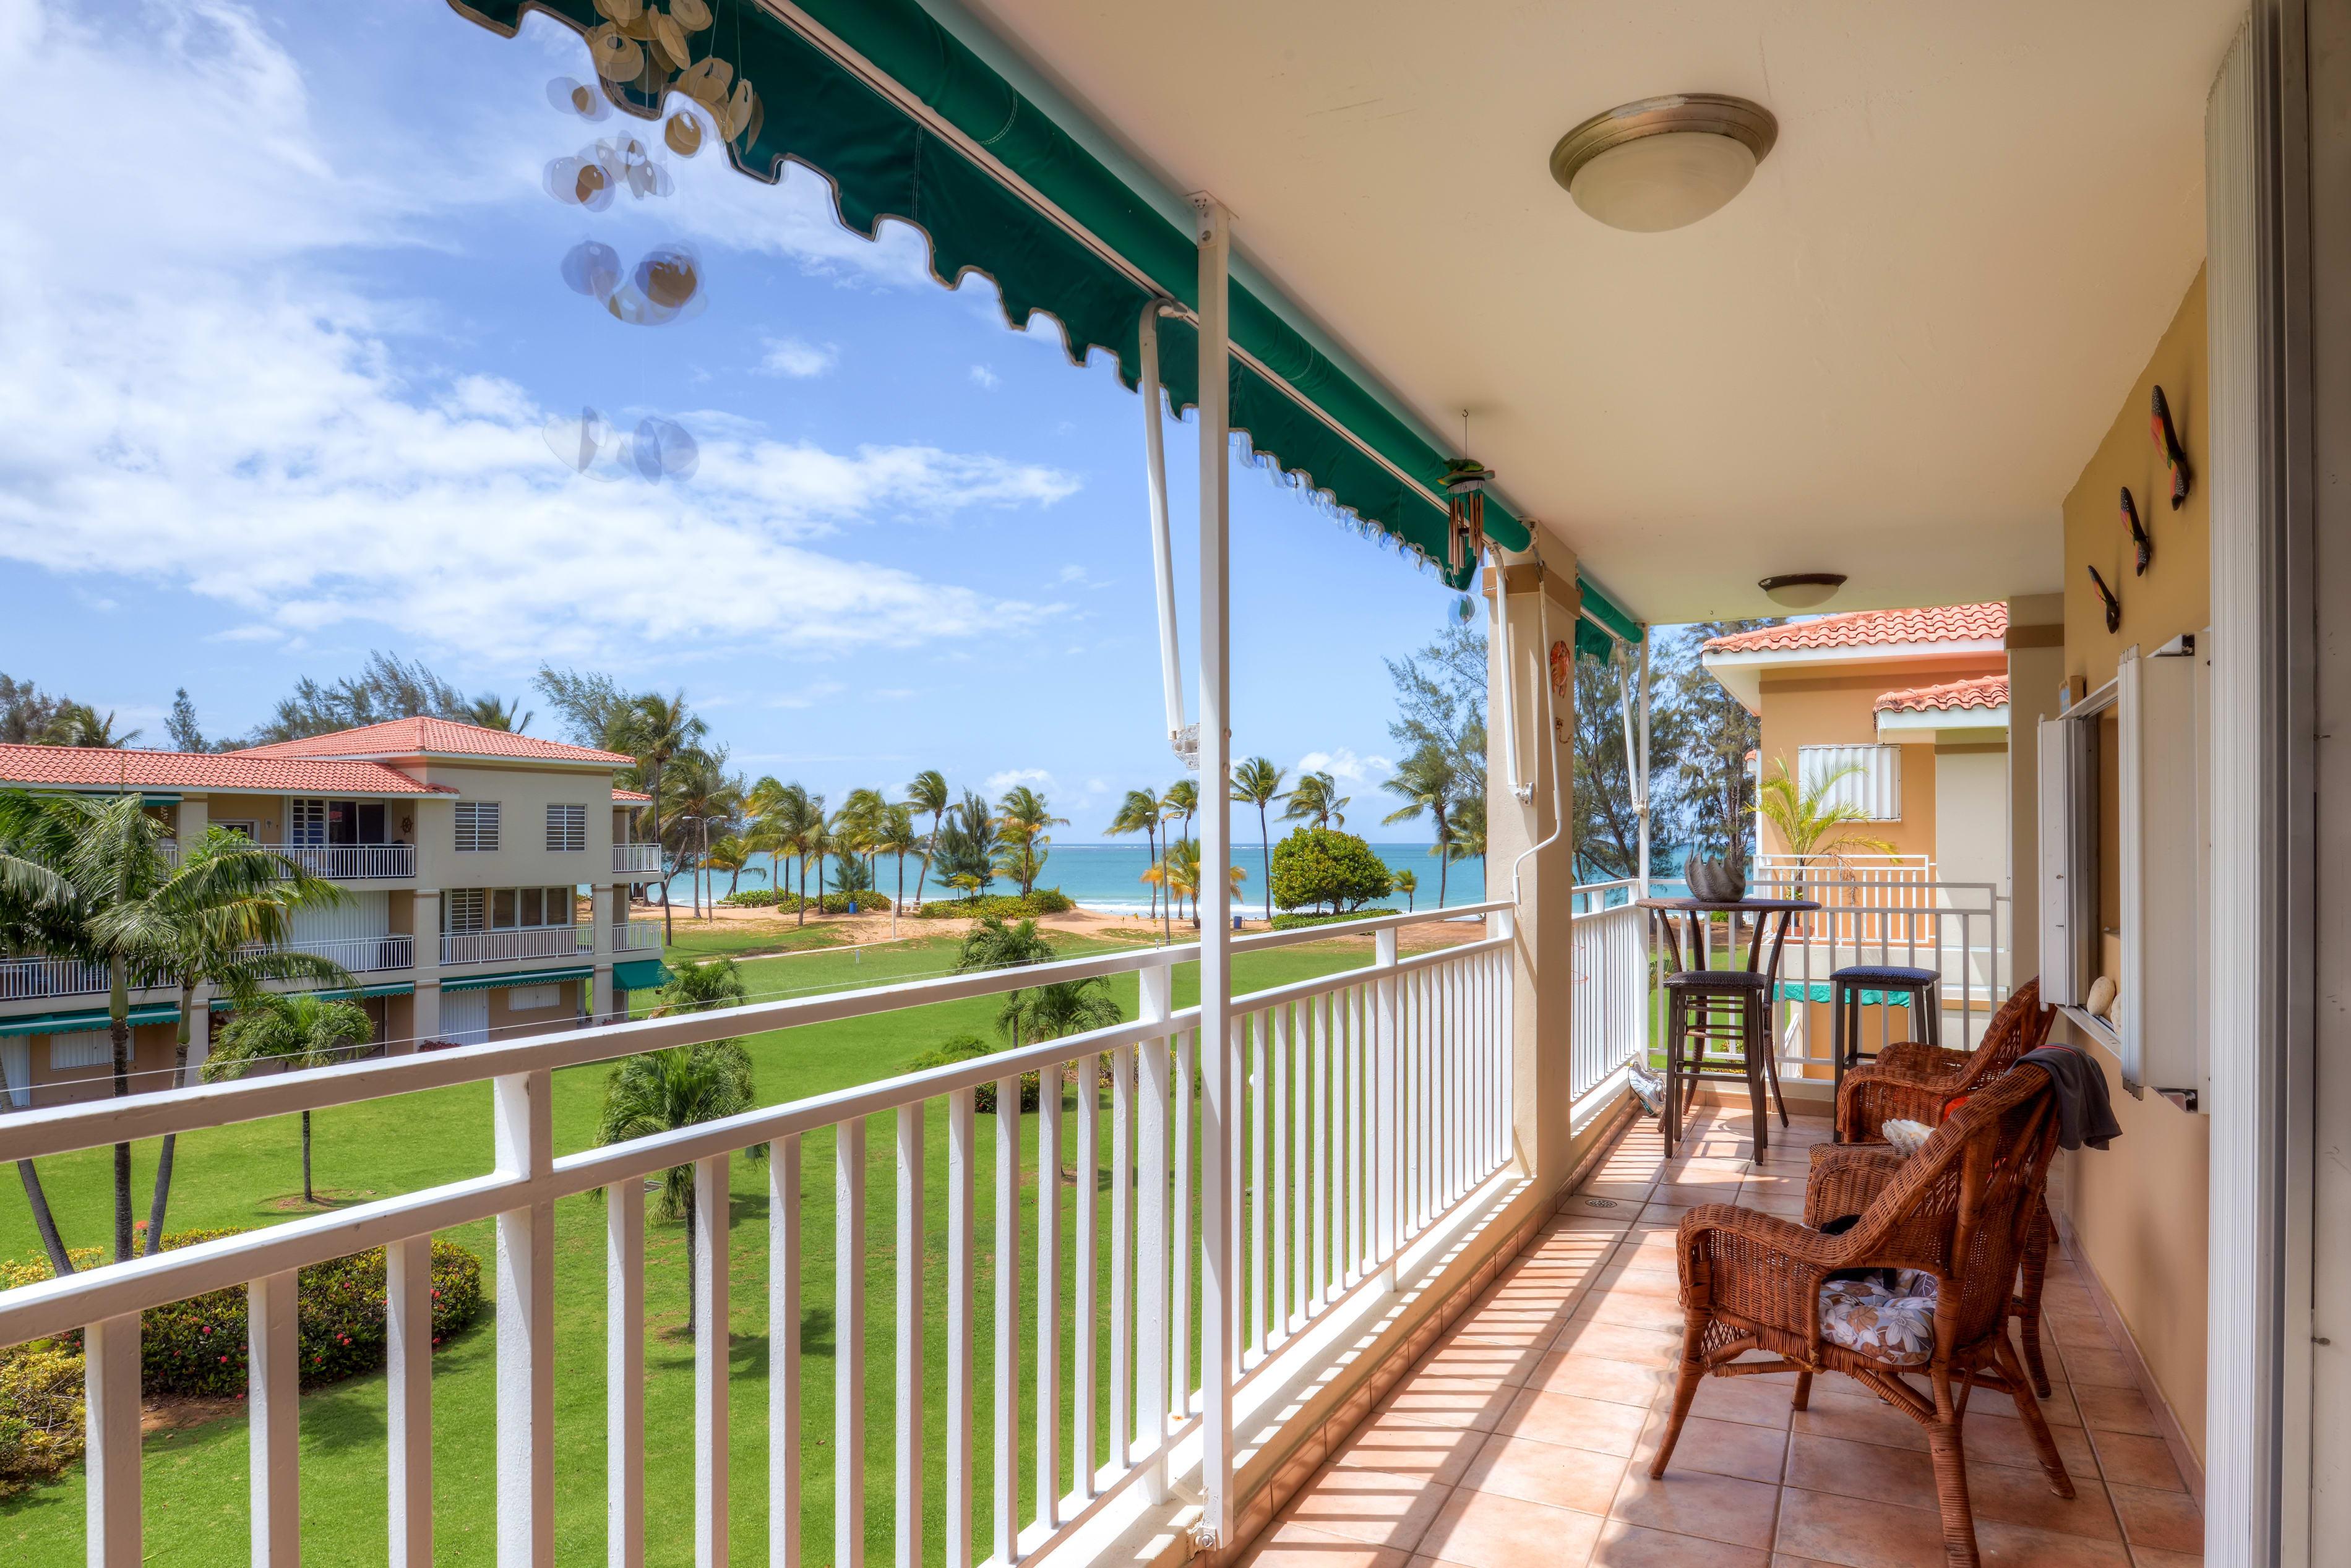 Rio Grande Vacation Rental | 2BR | 2BA | 3rd Floor | 1,300 Sq Ft